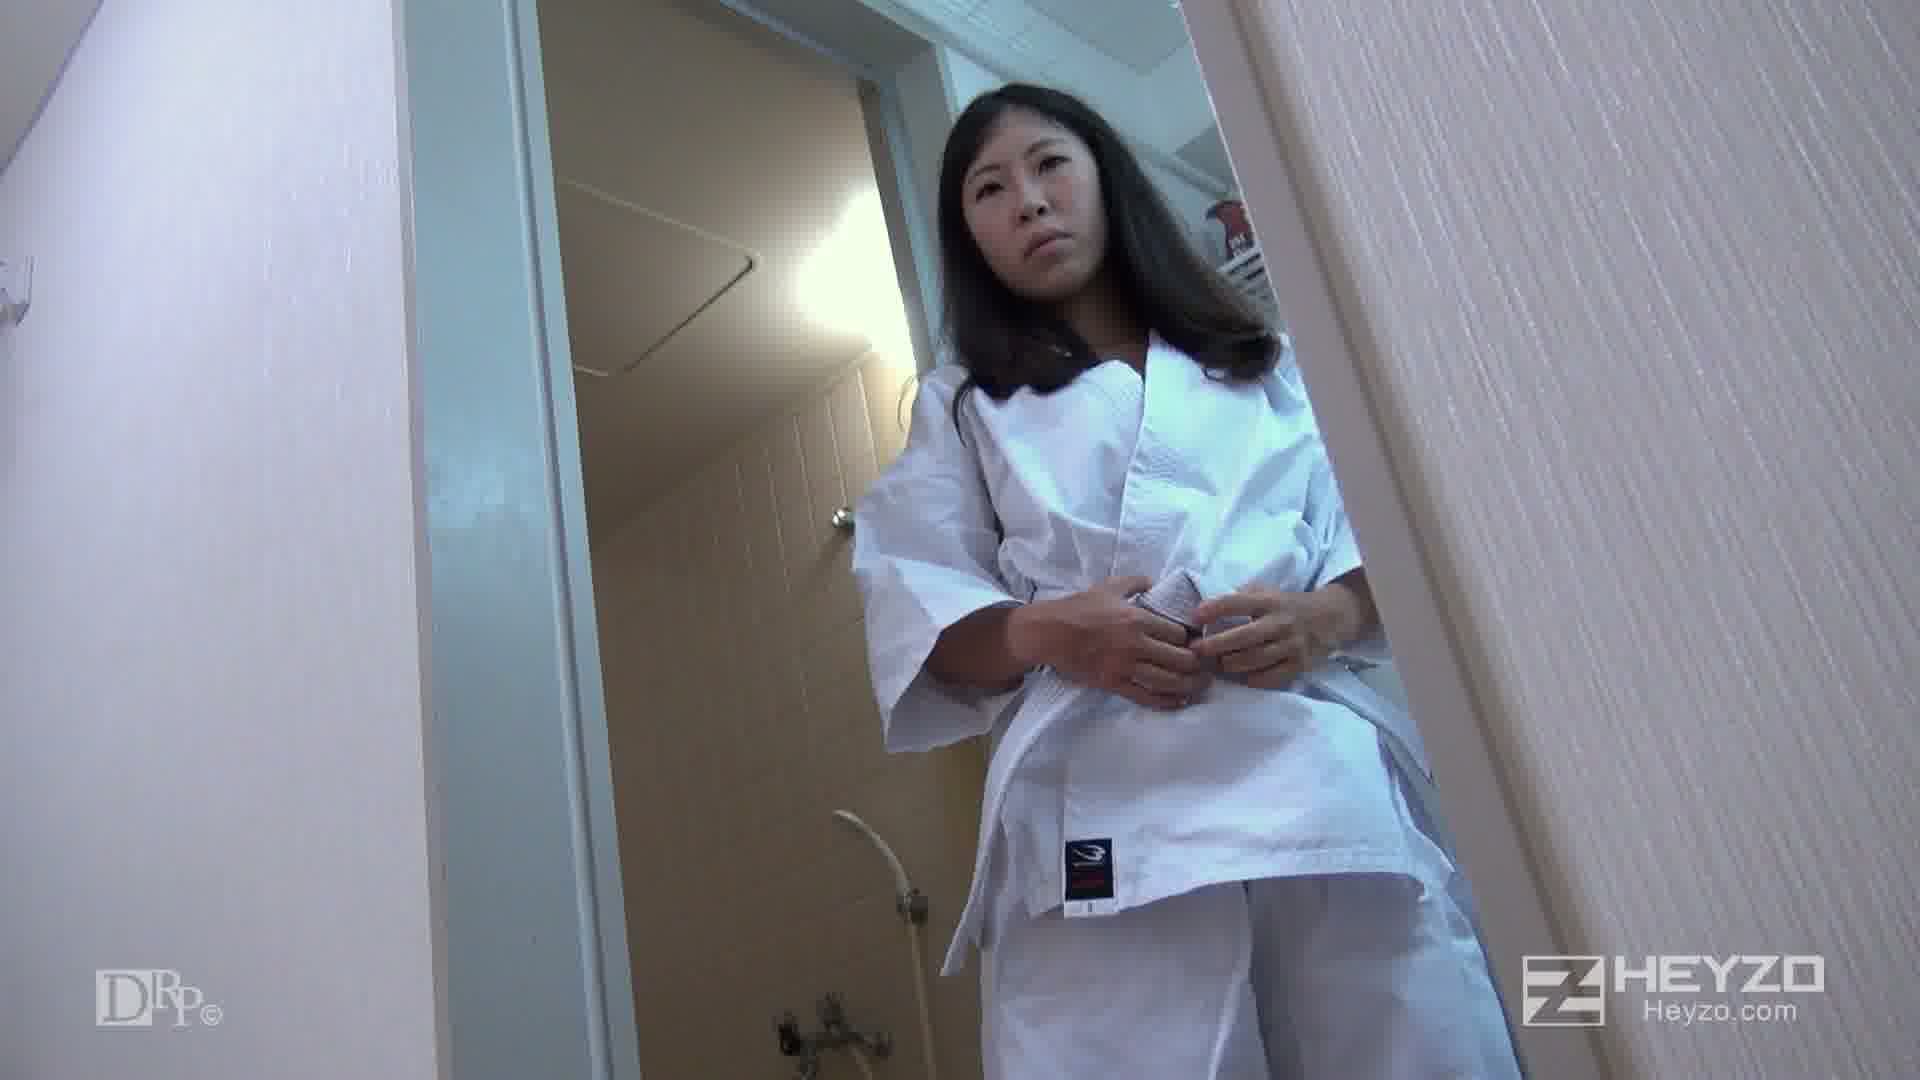 AV出演を迷っている素人娘をなし崩し的に撮影しちゃいました! - 篠田ゆき【着替え シャワー】